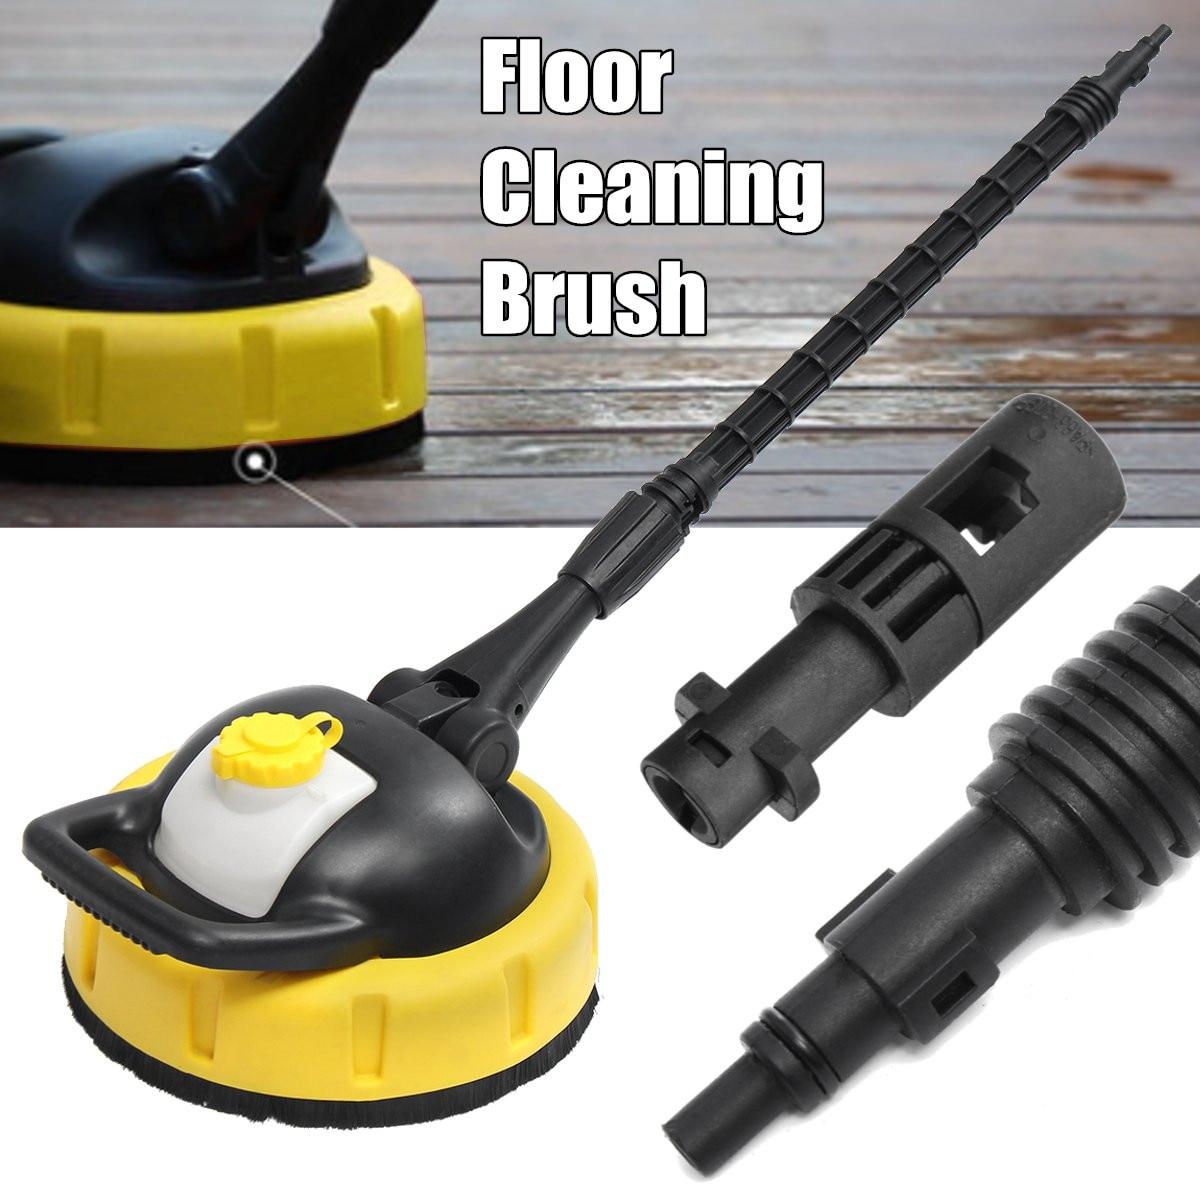 Lavadora de alta presión de pared de piso limpiador lavado piso cepillo de limpieza para KARCHER Serie K K2 K3 K4-in Brochas de limpieza from Hogar y Mascotas    1